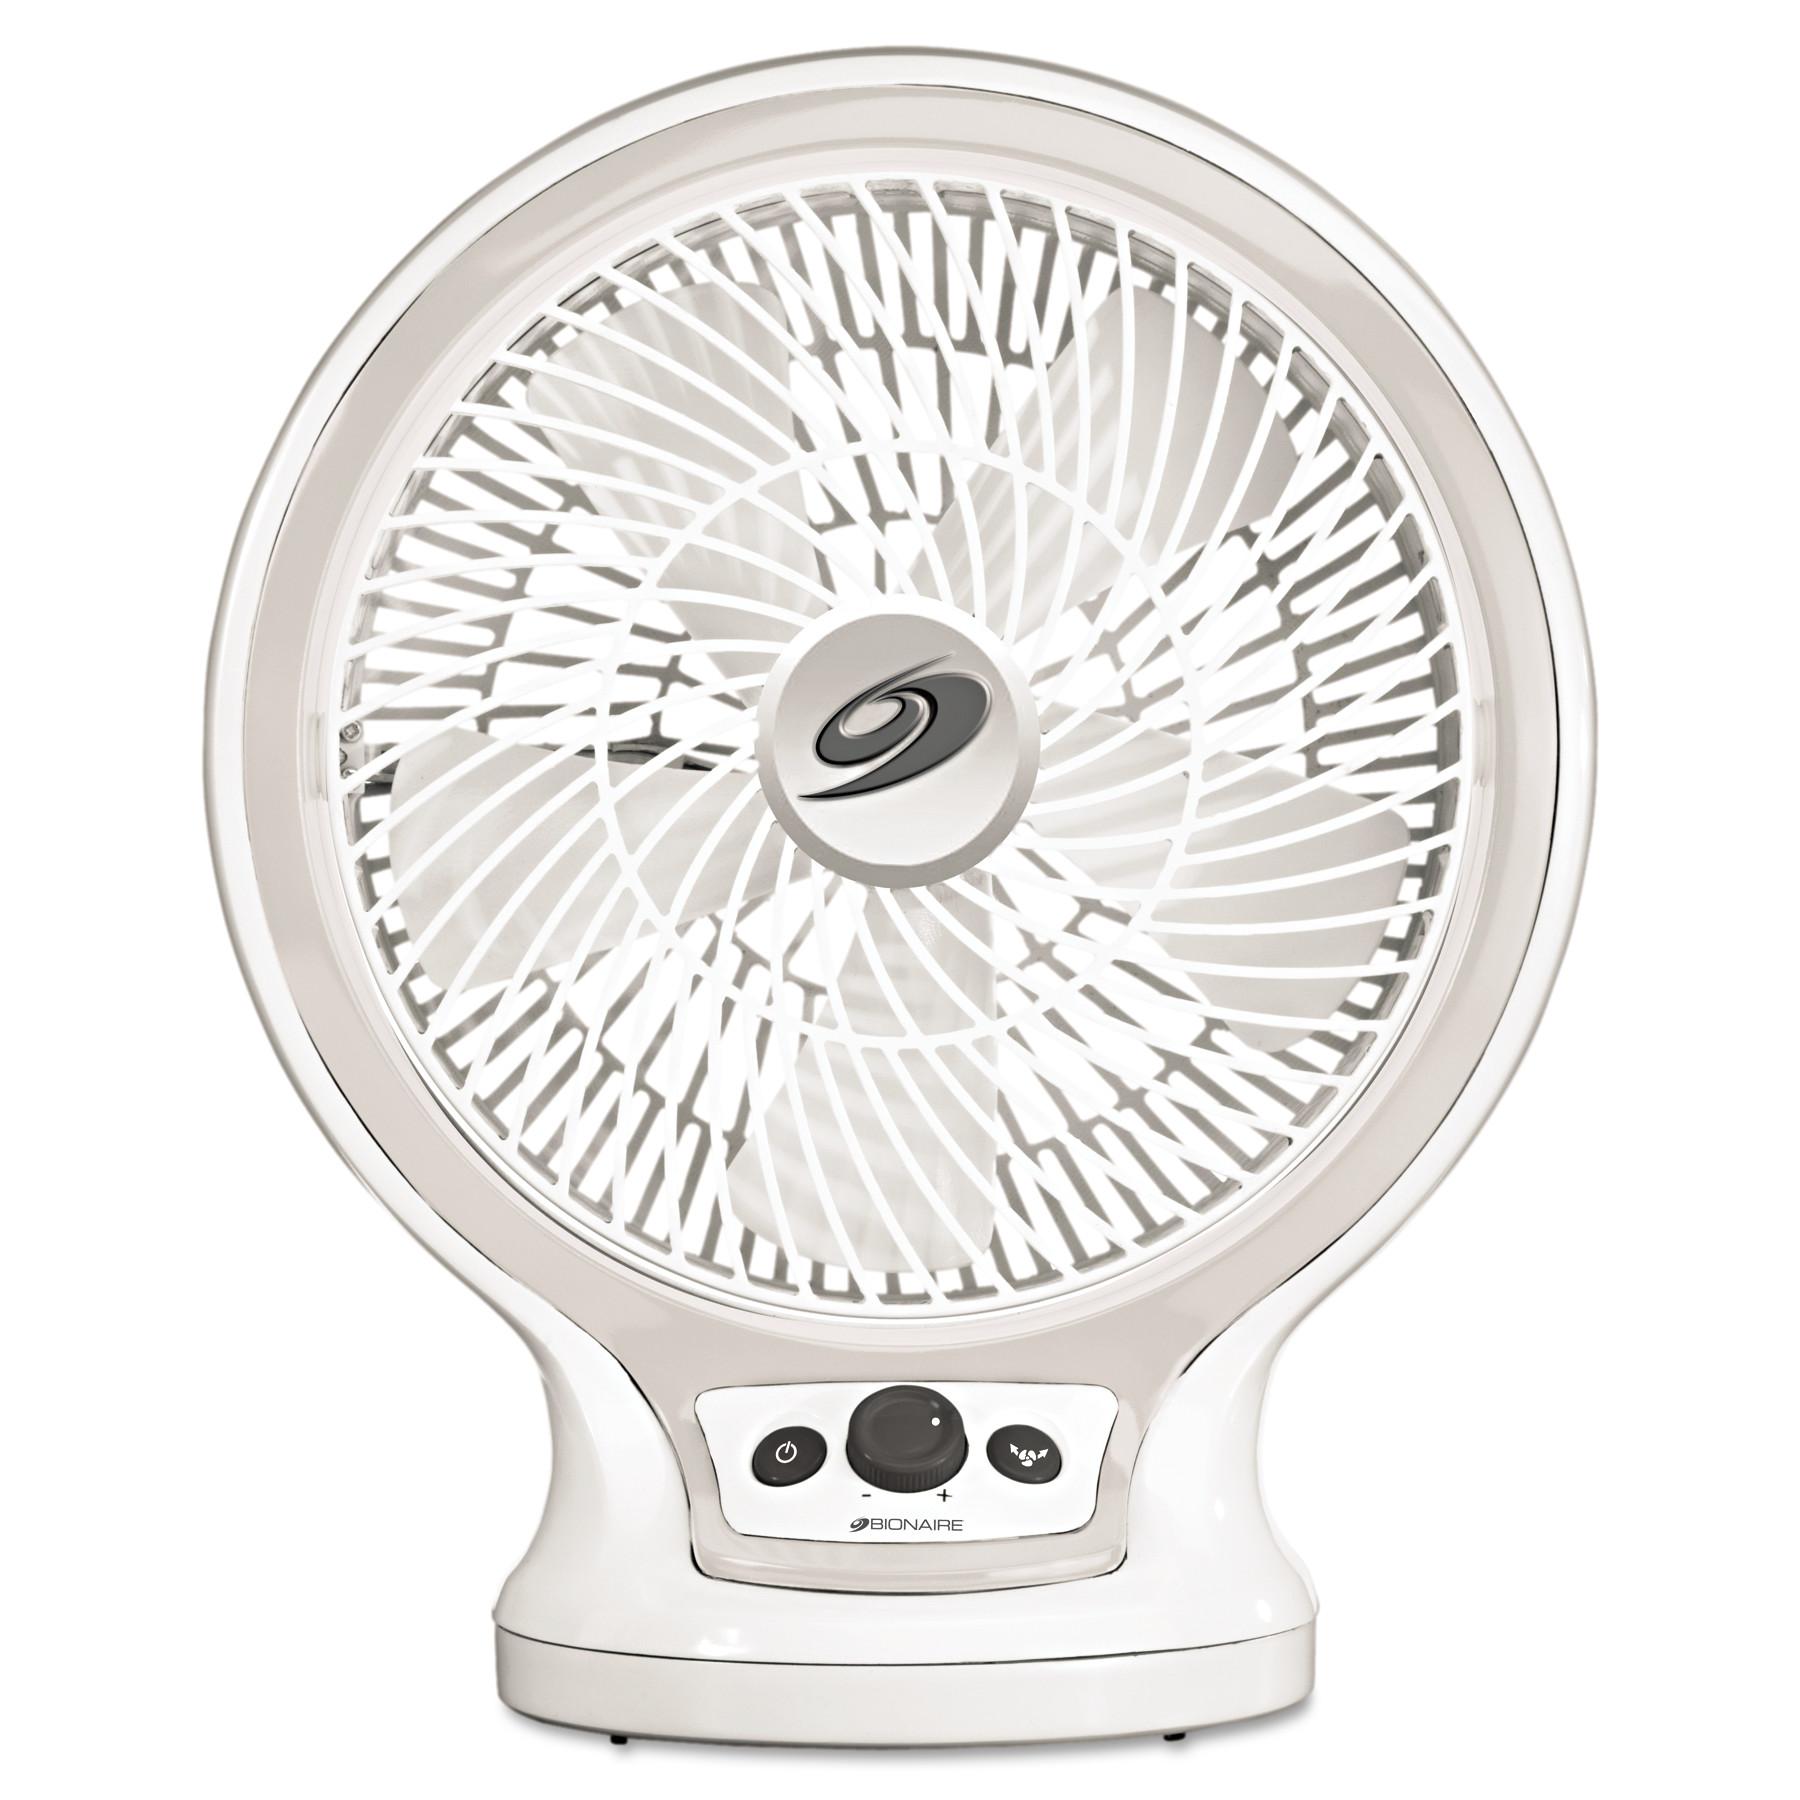 Bionaire Eco-Smart Table Fan, 2-Speed, White